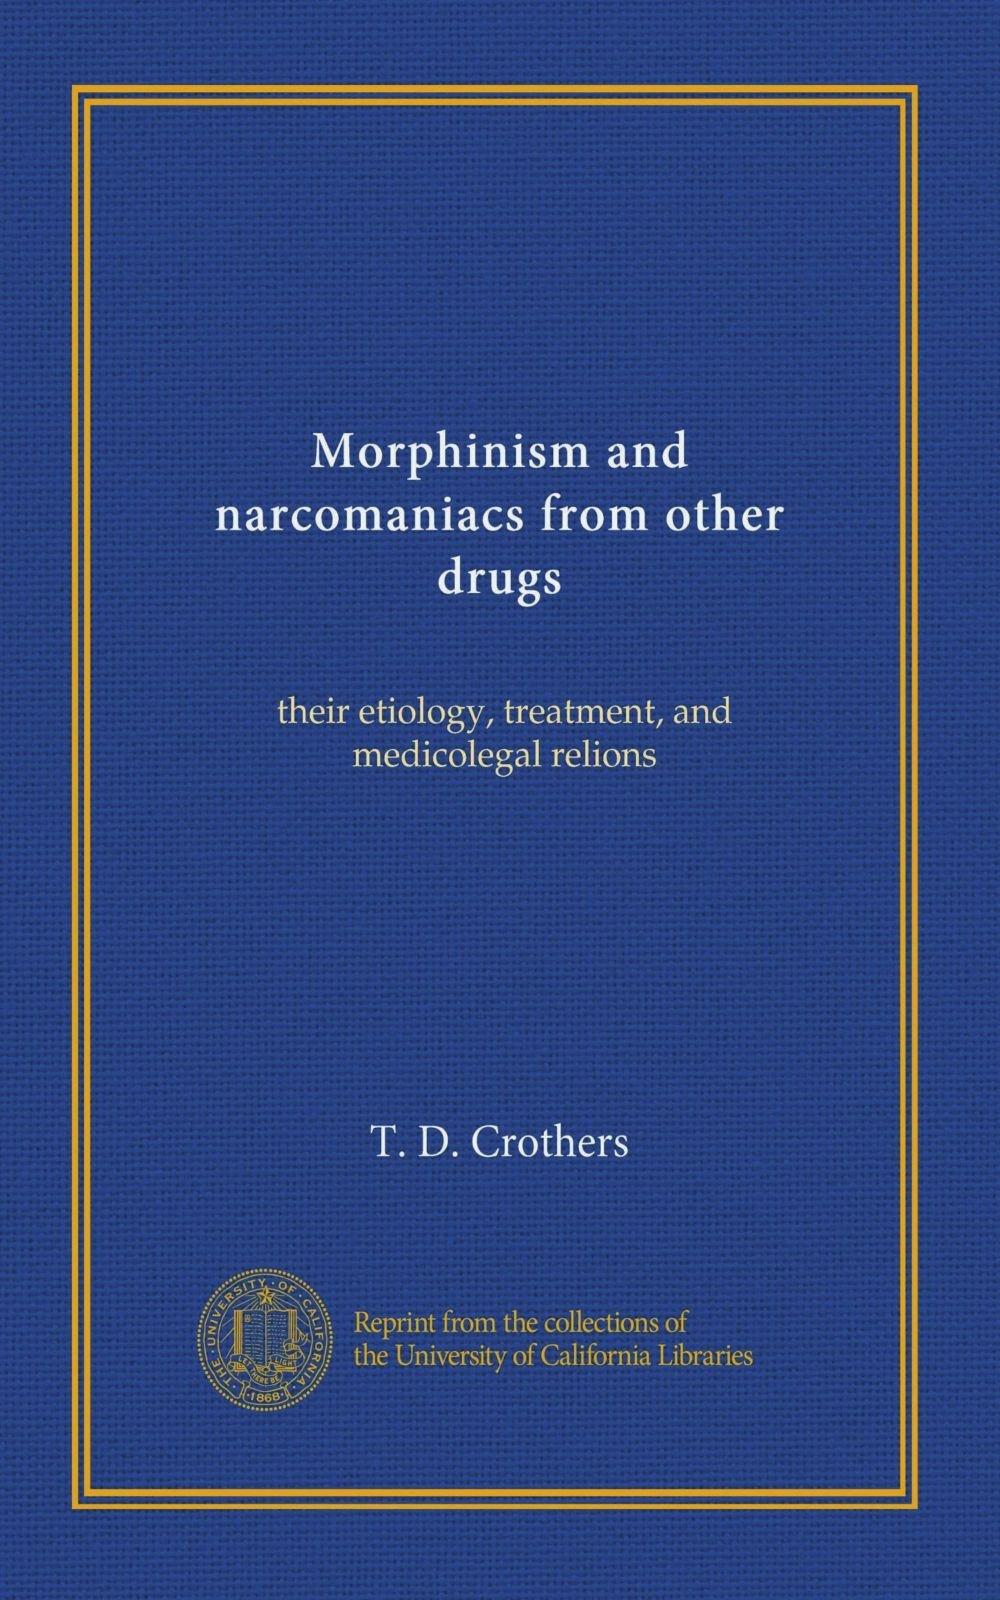 morphinism